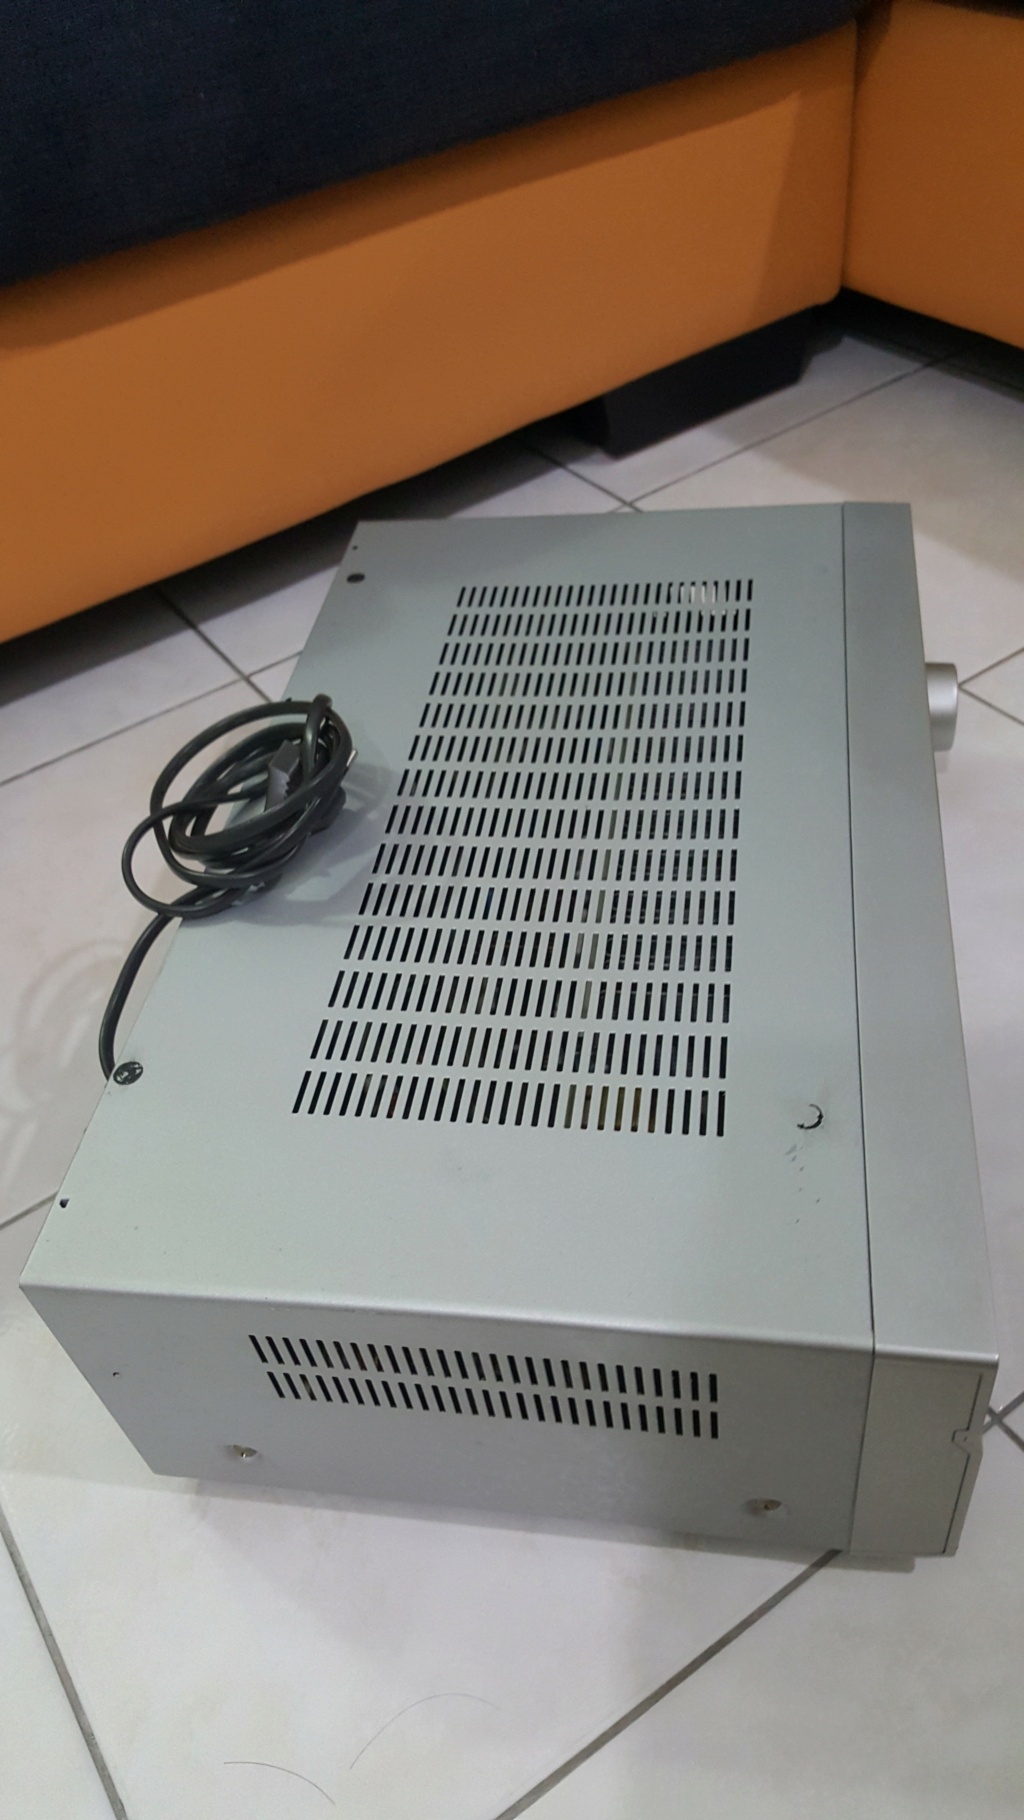 Sony 5.1 Avr amp. (SOLD) 20201113